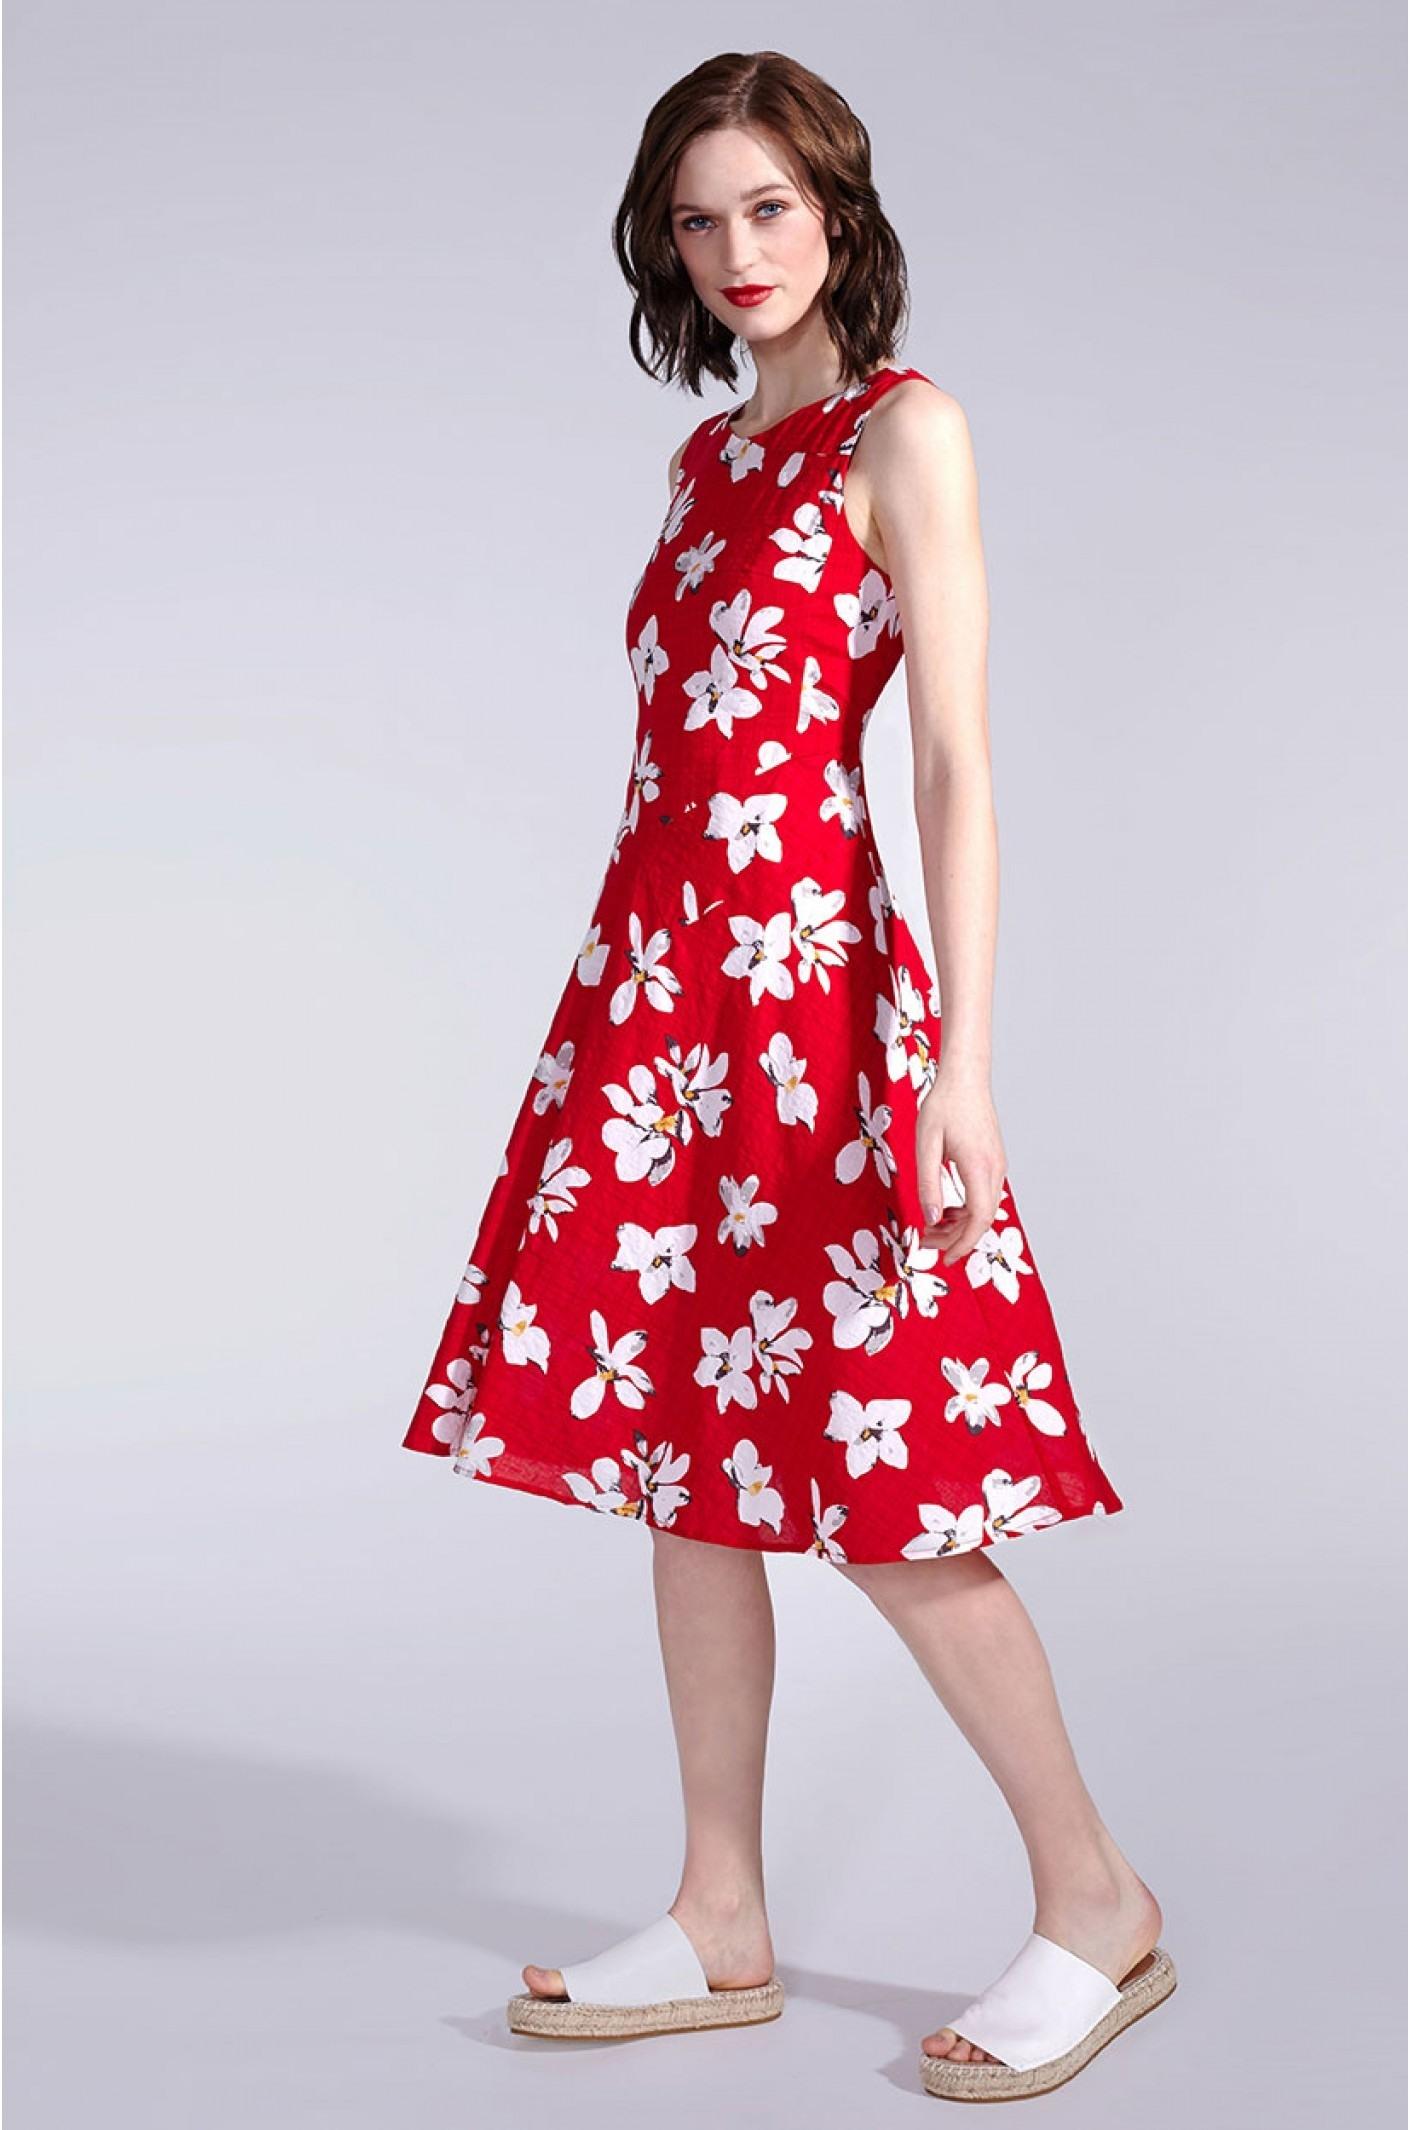 13 Erstaunlich Sommerkleider Midi GalerieDesigner Genial Sommerkleider Midi für 2019